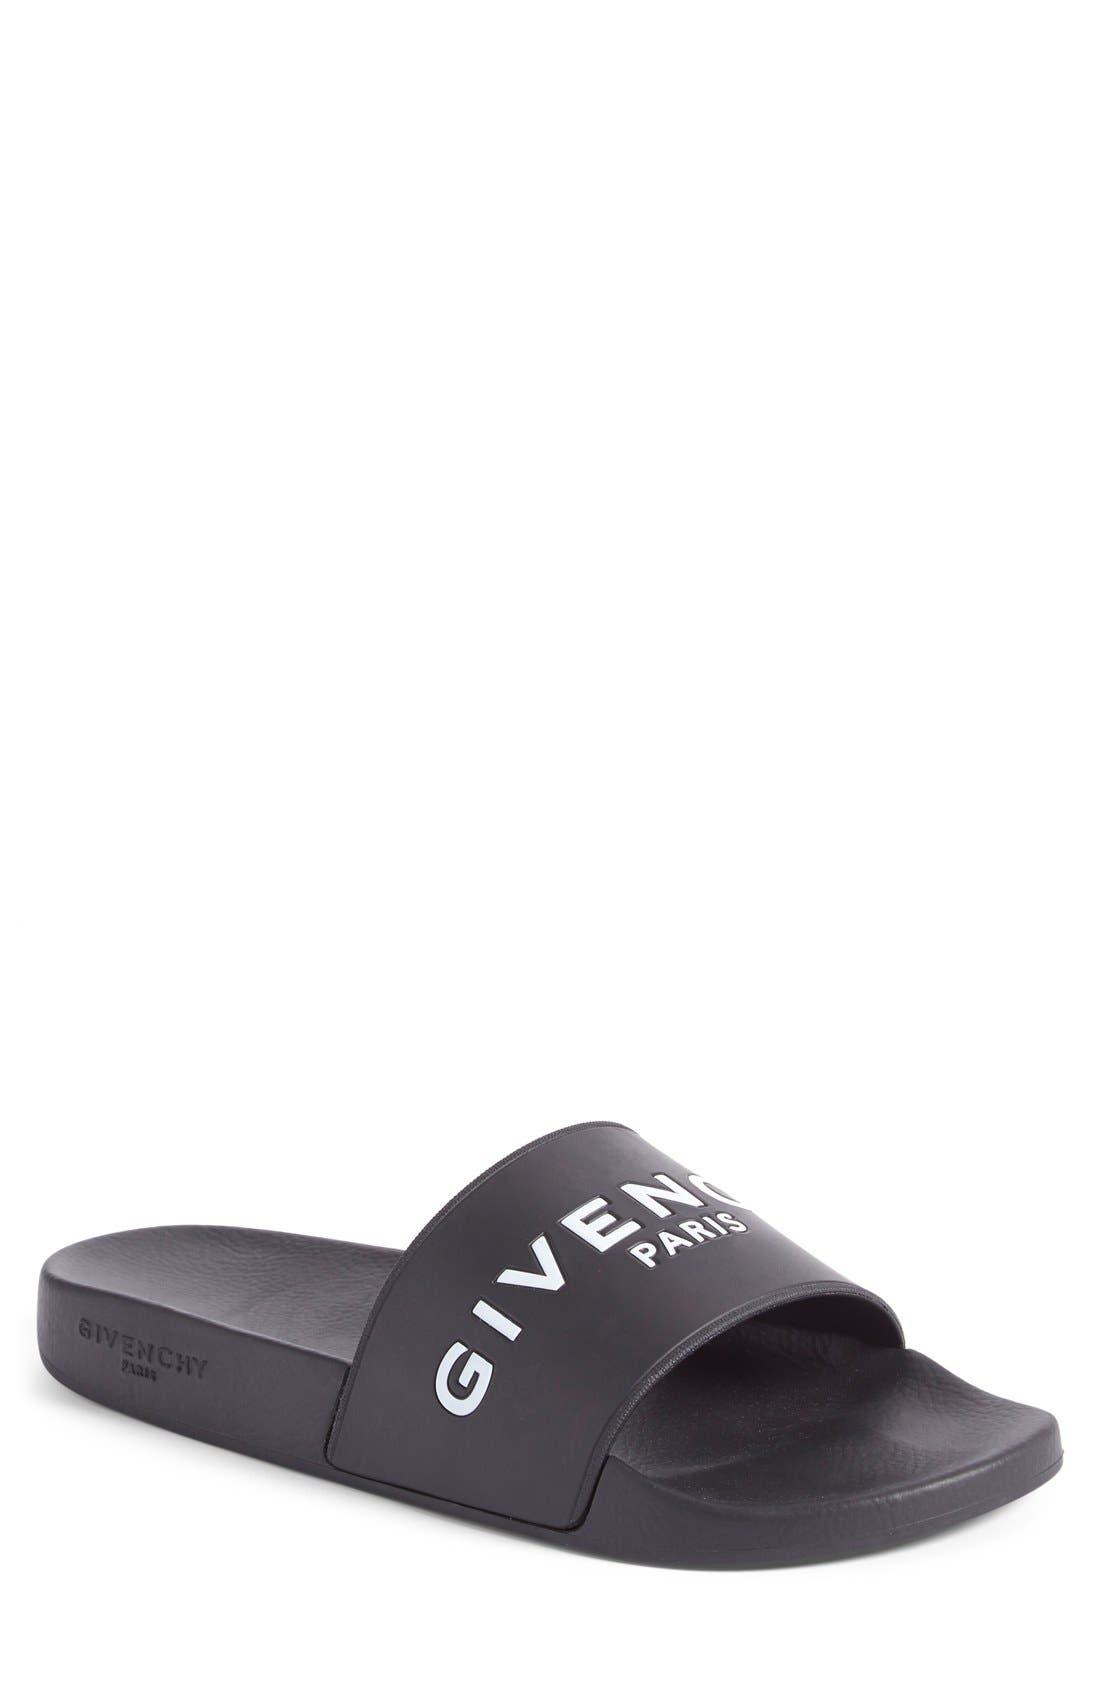 Slide Sandal,                         Main,                         color, Black Leather